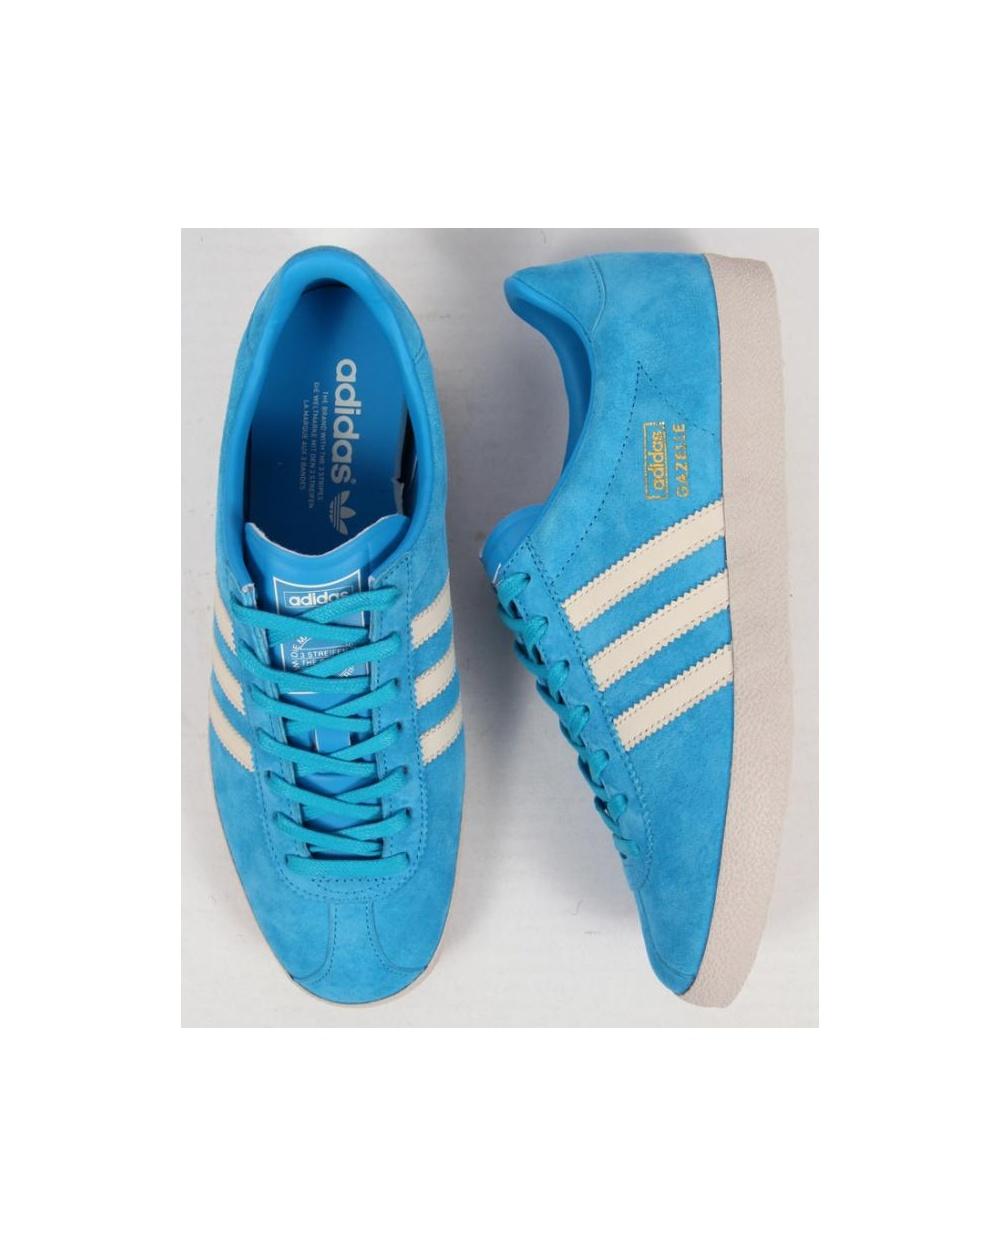 Adidas Originals Gazelle Og Trainers Blue